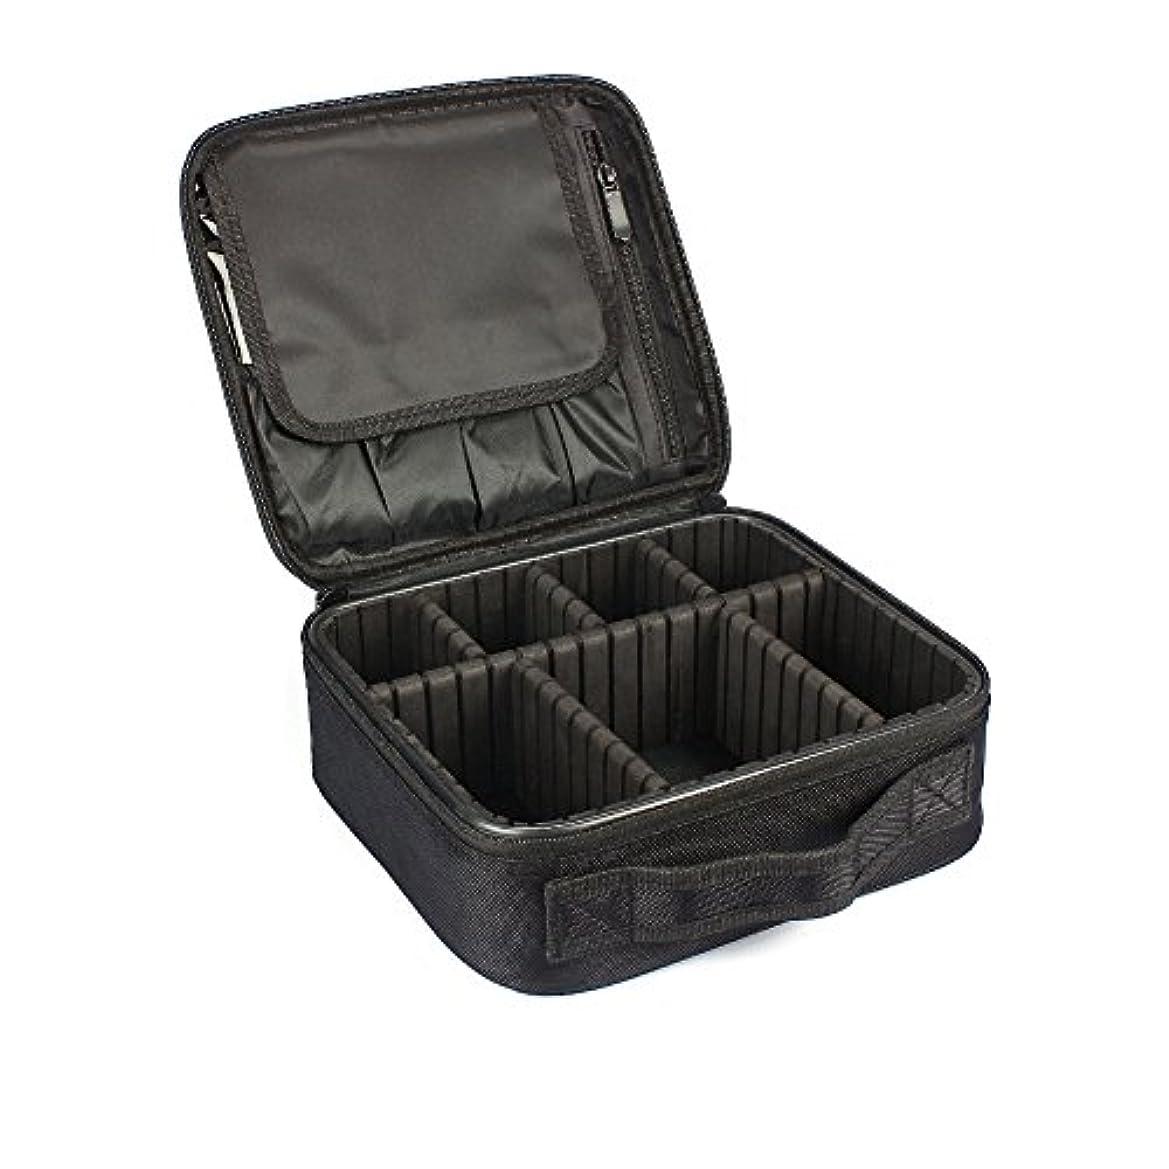 カビバスト時代遅れMIRAISZ プロ用 メイクボックス 高品質 多機能 多容量 メイクブラシバッグ 収納ケース スーツケース?トラベルバッグ 化粧バッグ メイクブラシ 化粧道具 小物入れ (MINI)